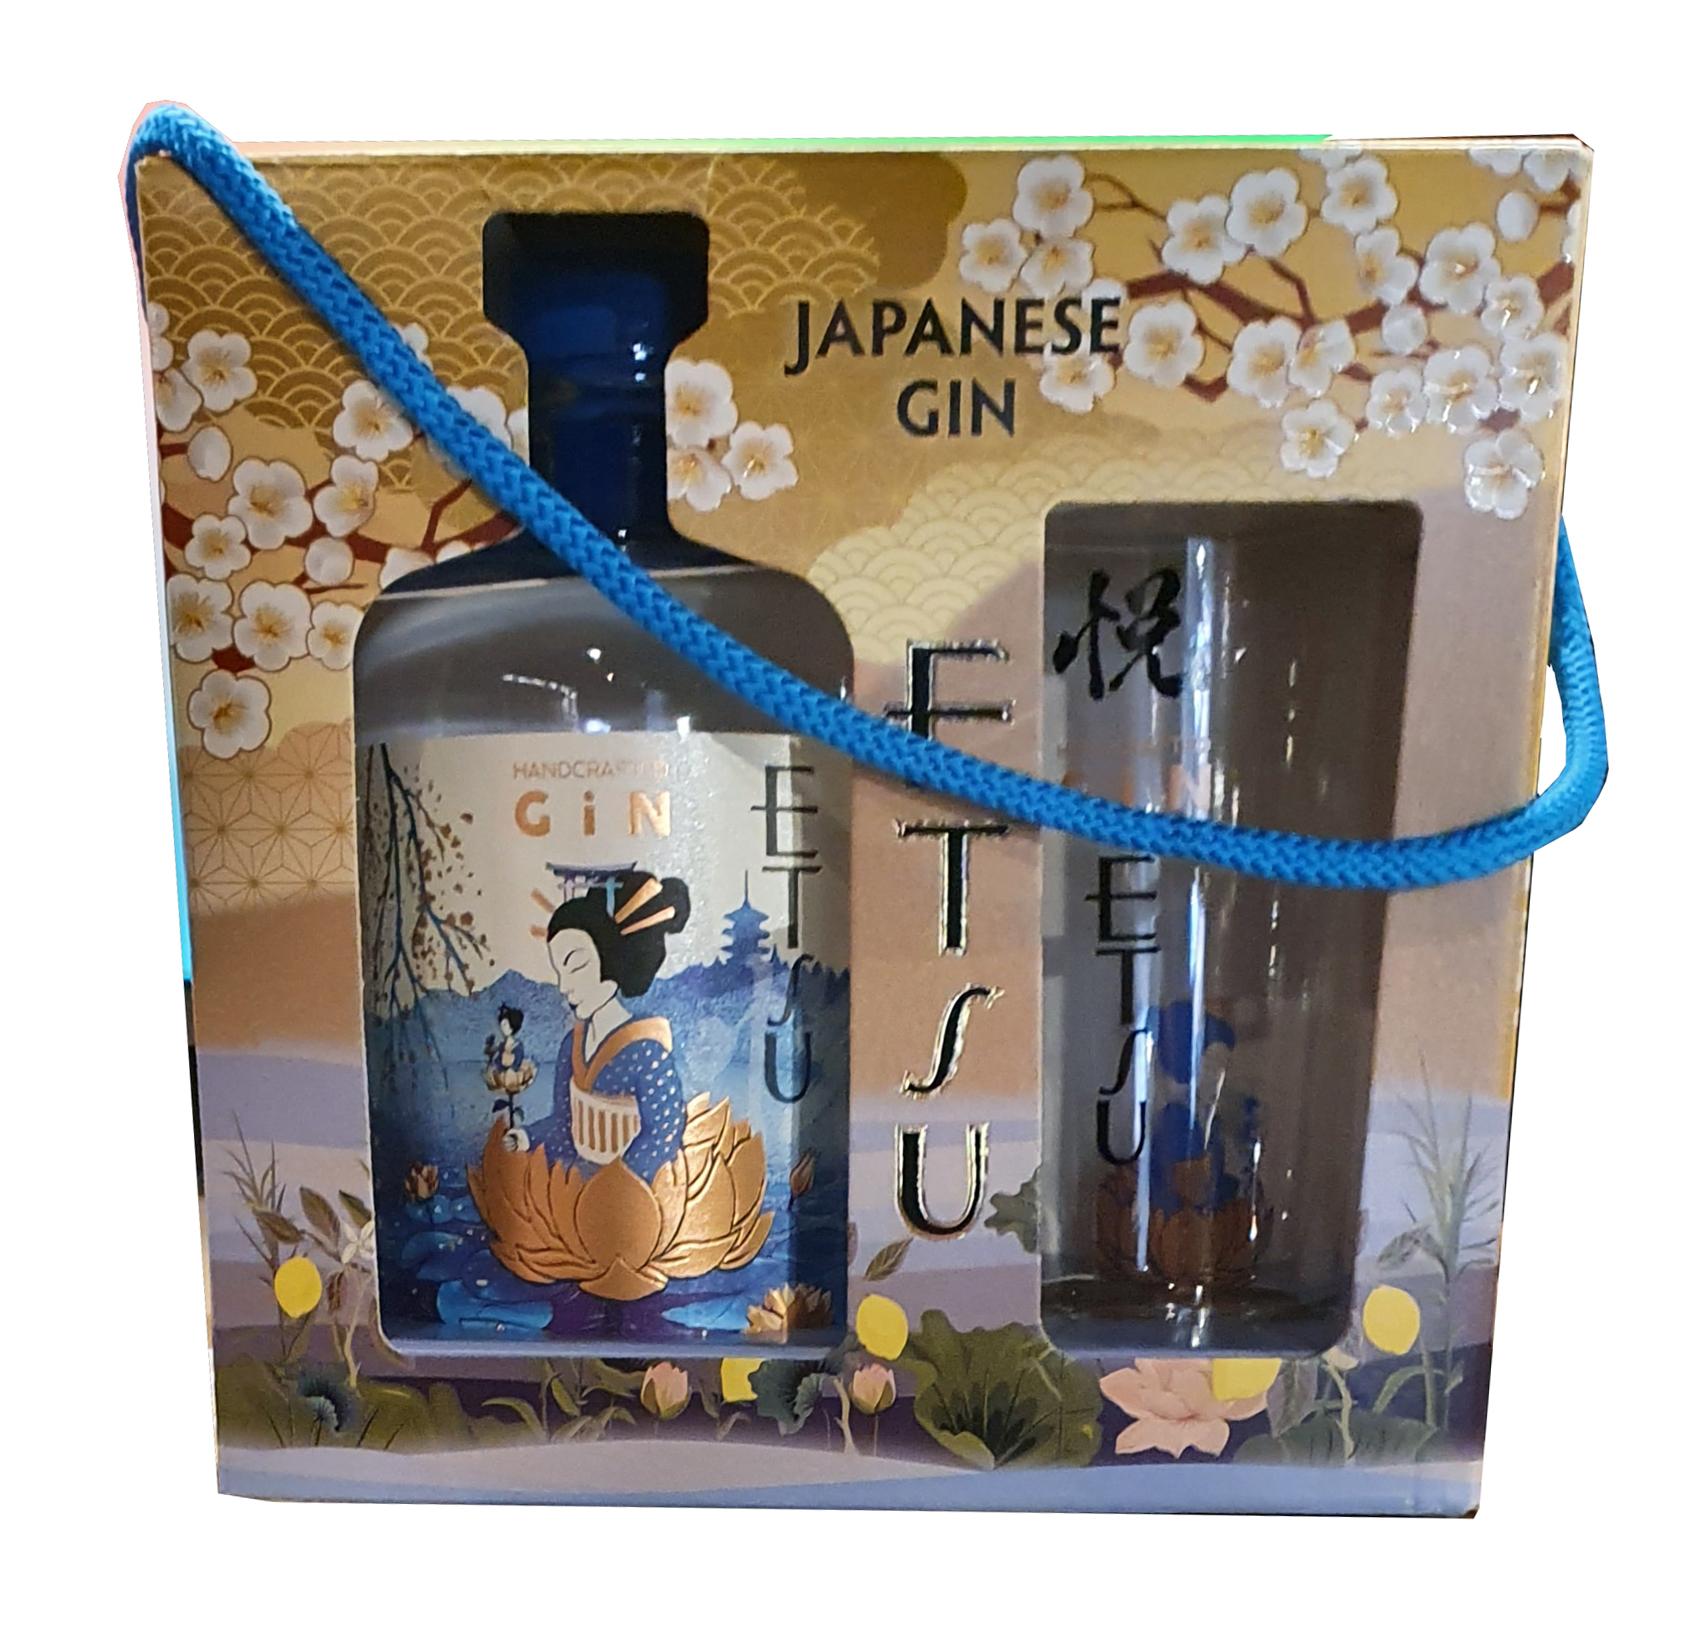 Gin Estu Japonais + 1 Verre